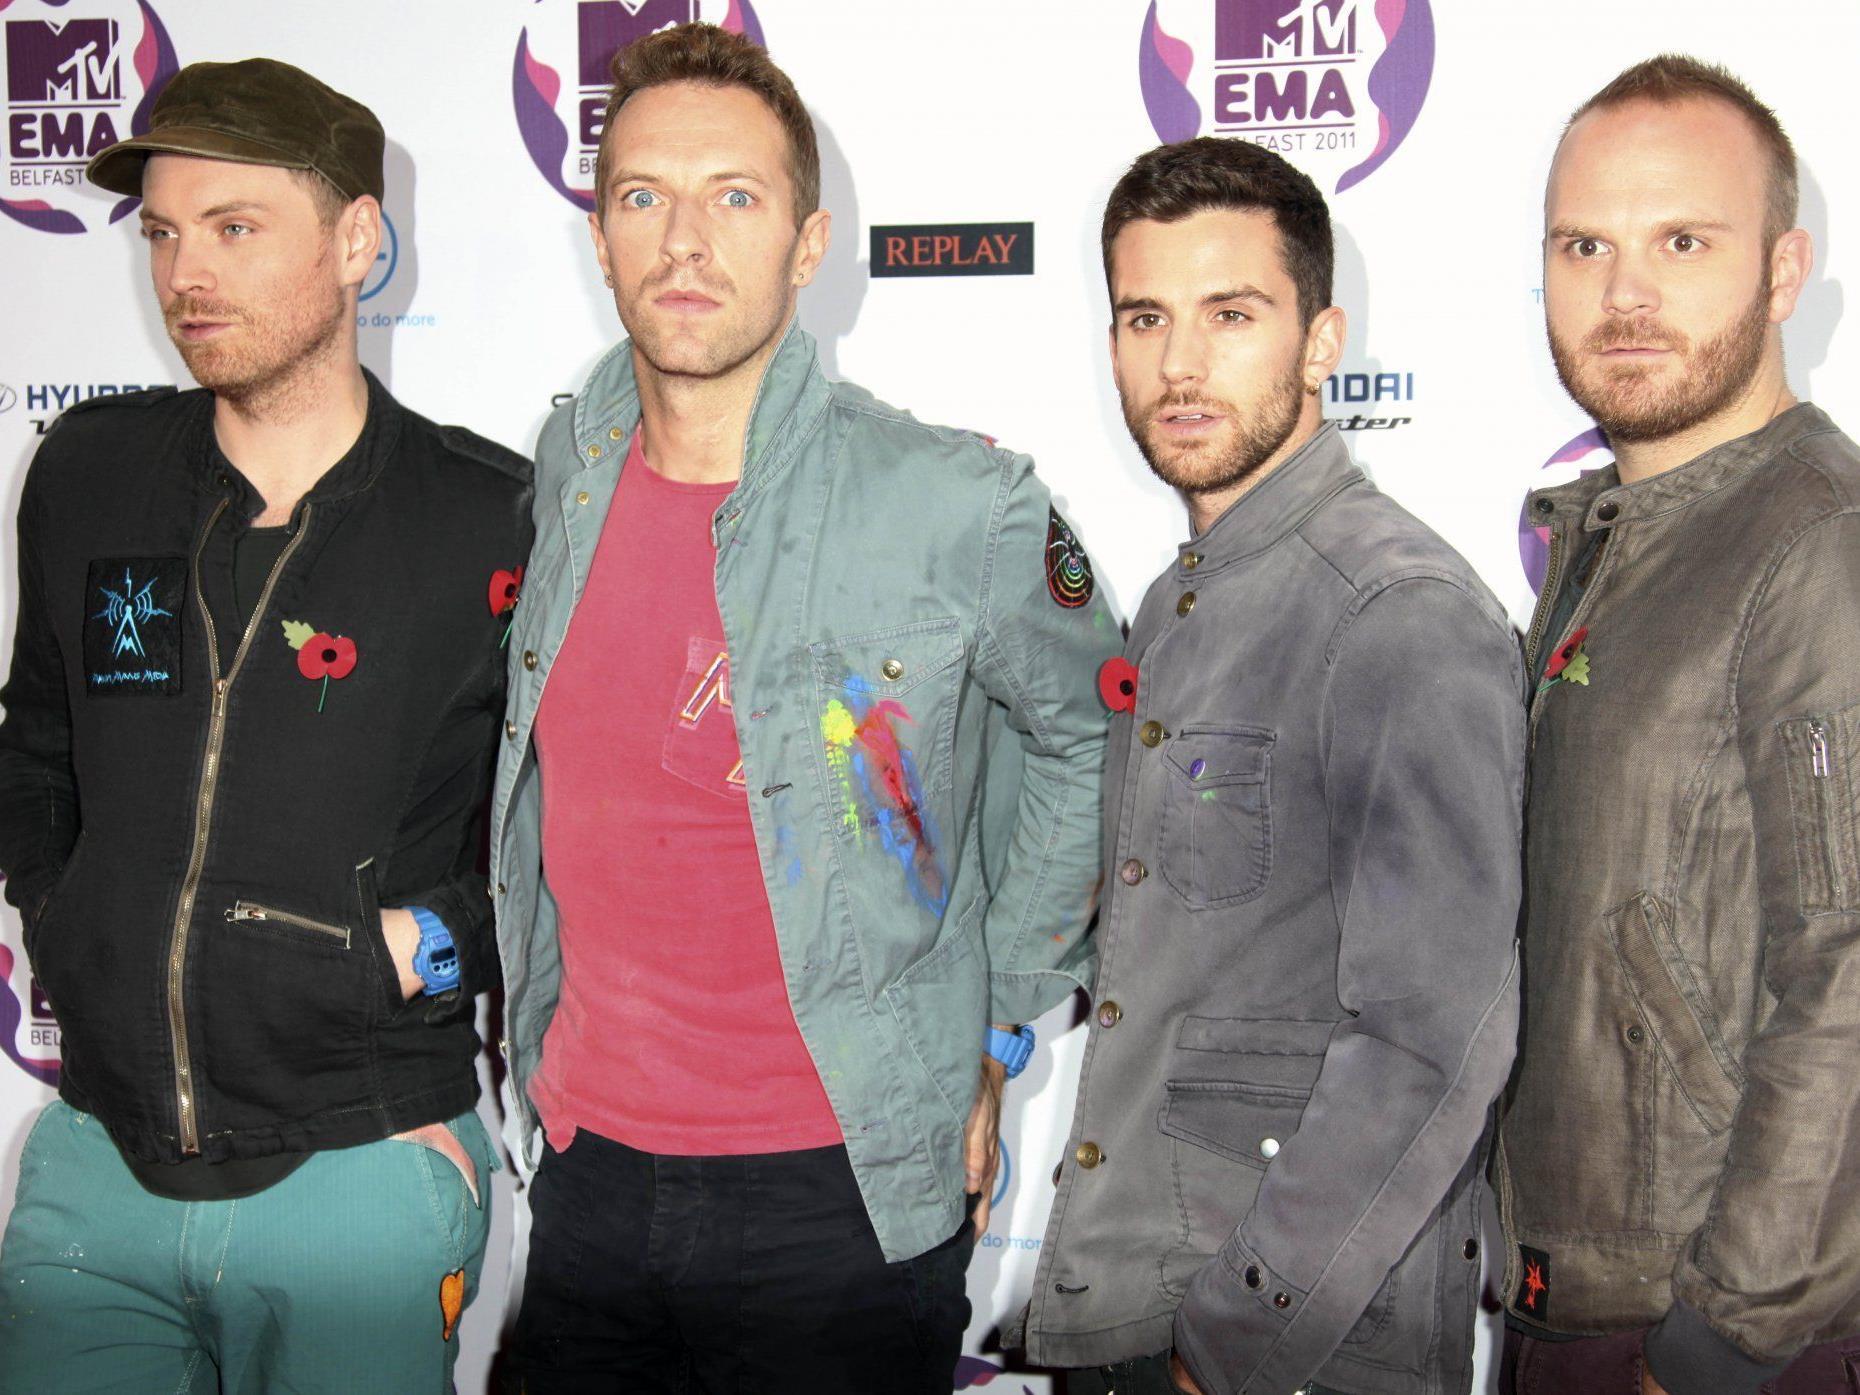 Sind bekannt für ihre spektakulären Konzerte und Auftritte - Coldplay.